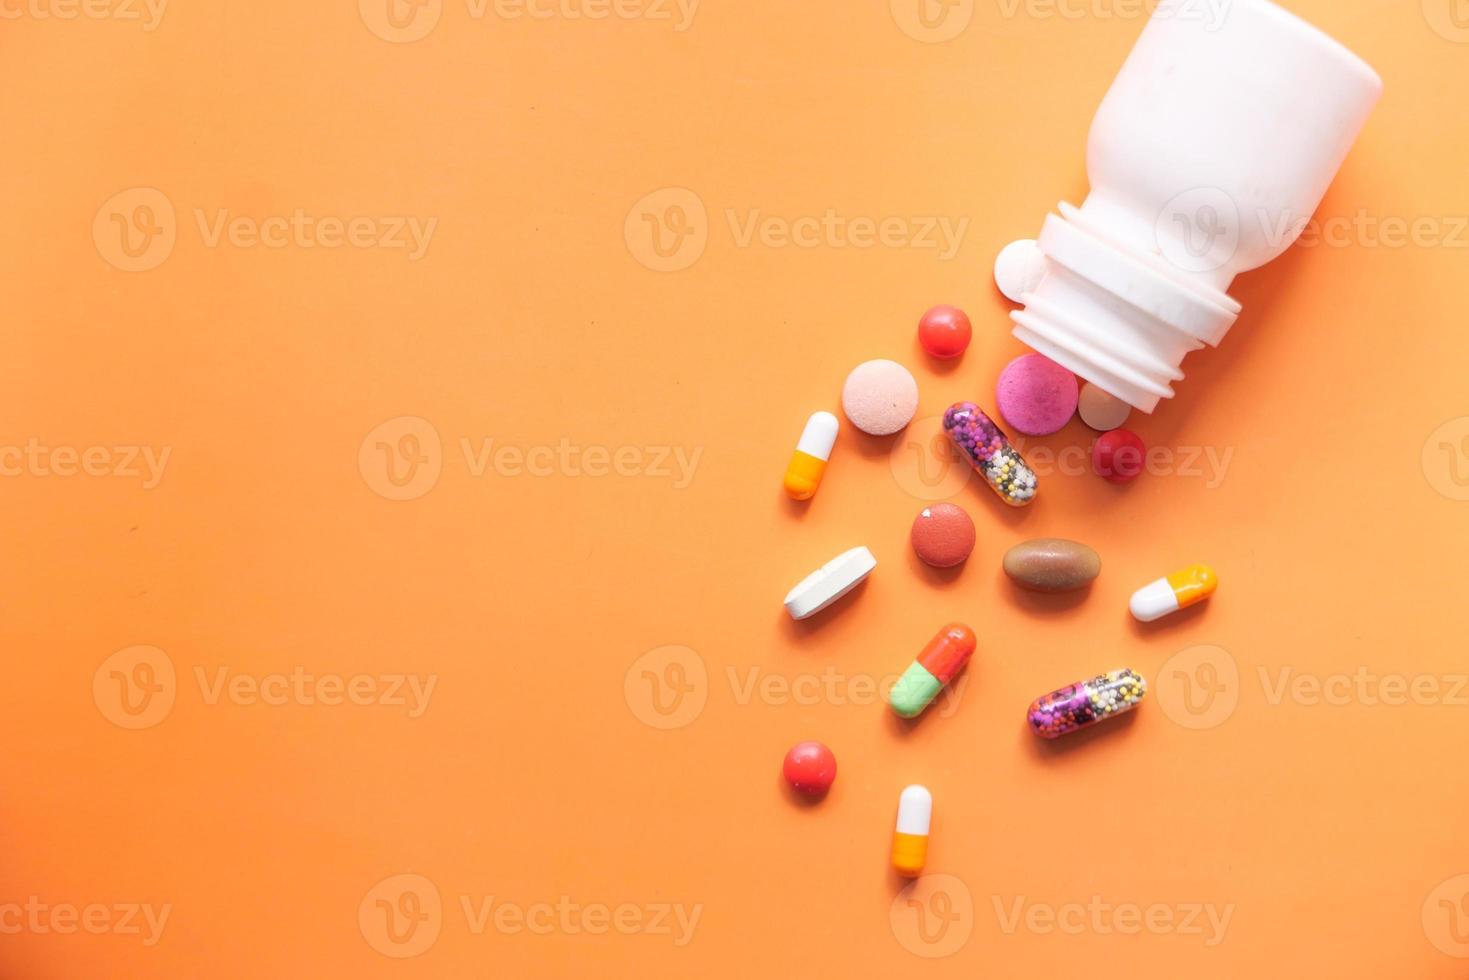 färgglada piller spilla på färgbakgrund foto